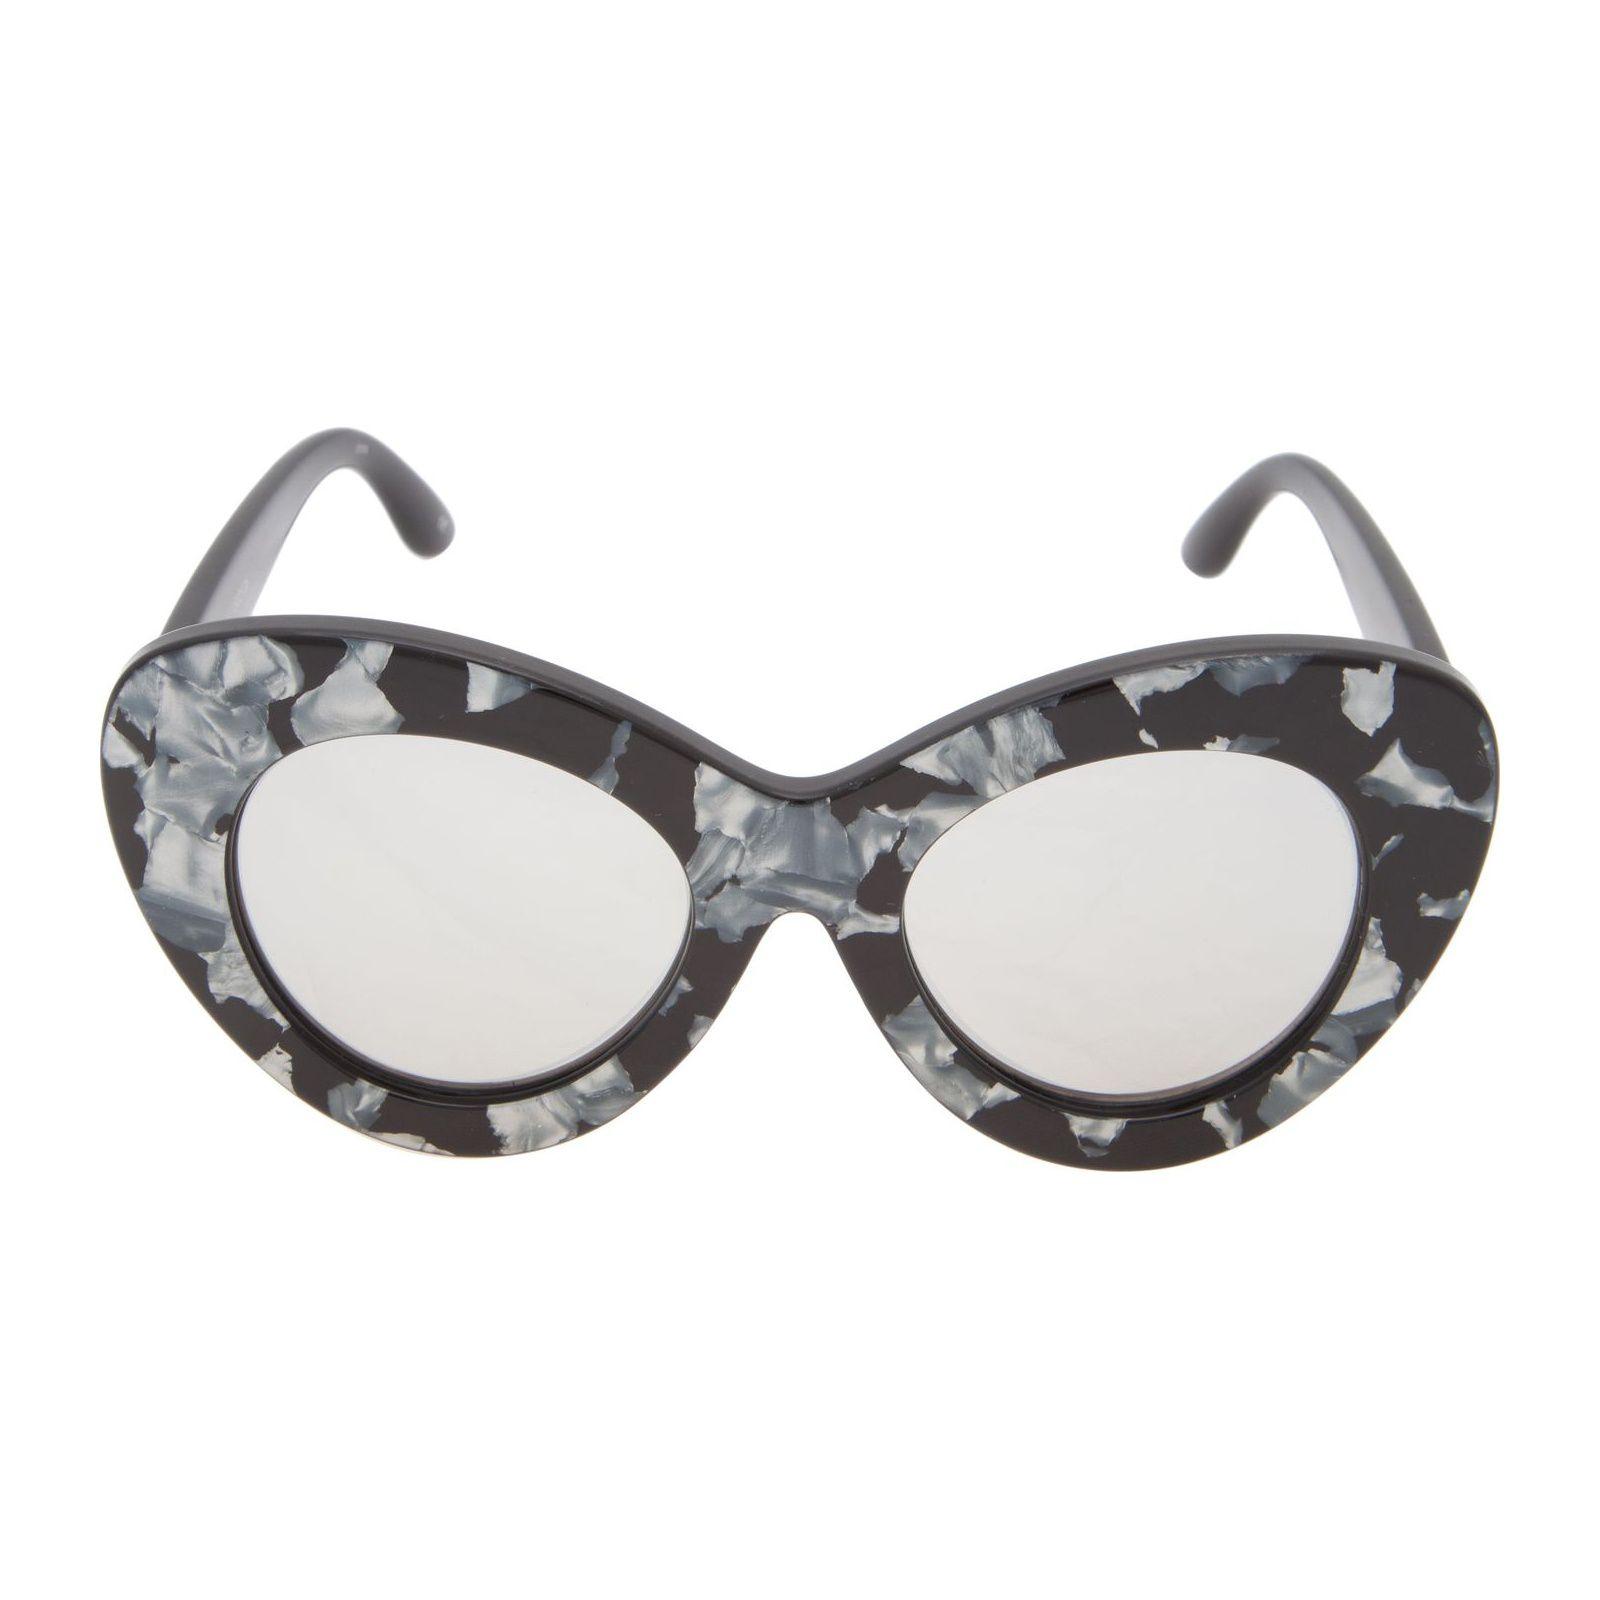 11b4c28ad Galeria de Fotos Seleção FFW: mais de 30 modelos de óculos de sol para o  verão // Foto 25 // Trends // FFW